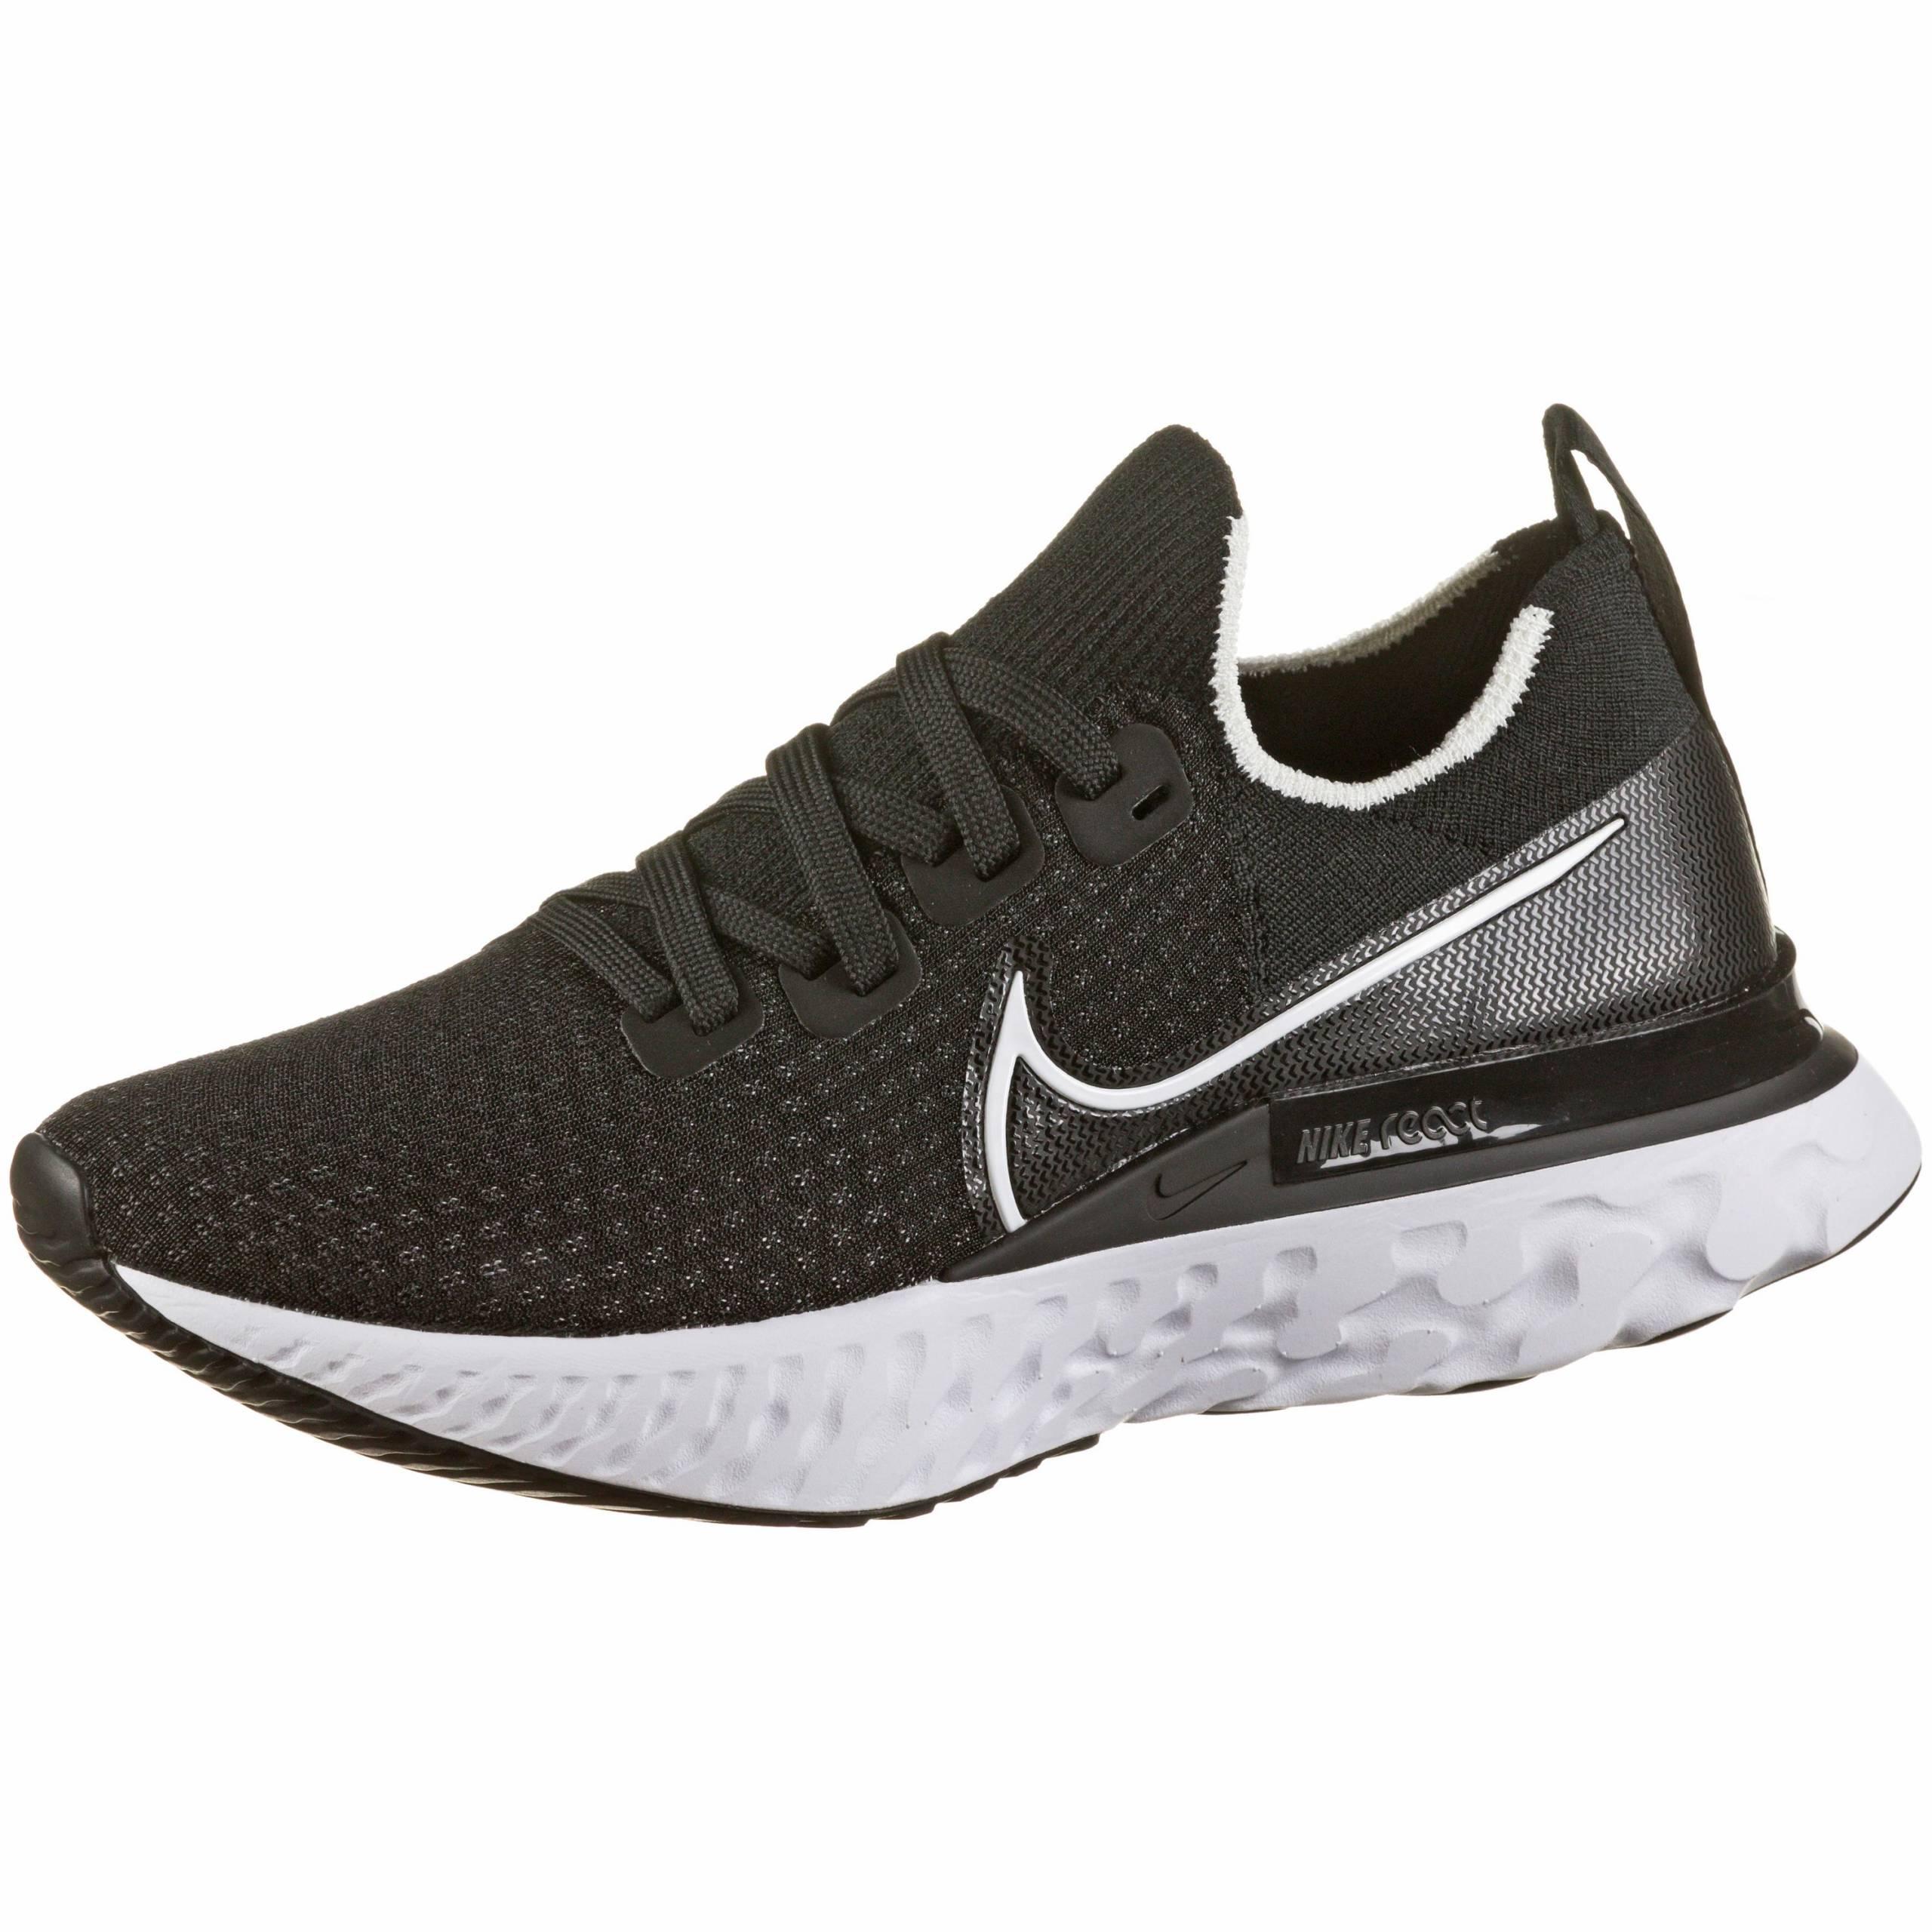 Nike REACT INFINITY RUN FK Laufschuhe Damen